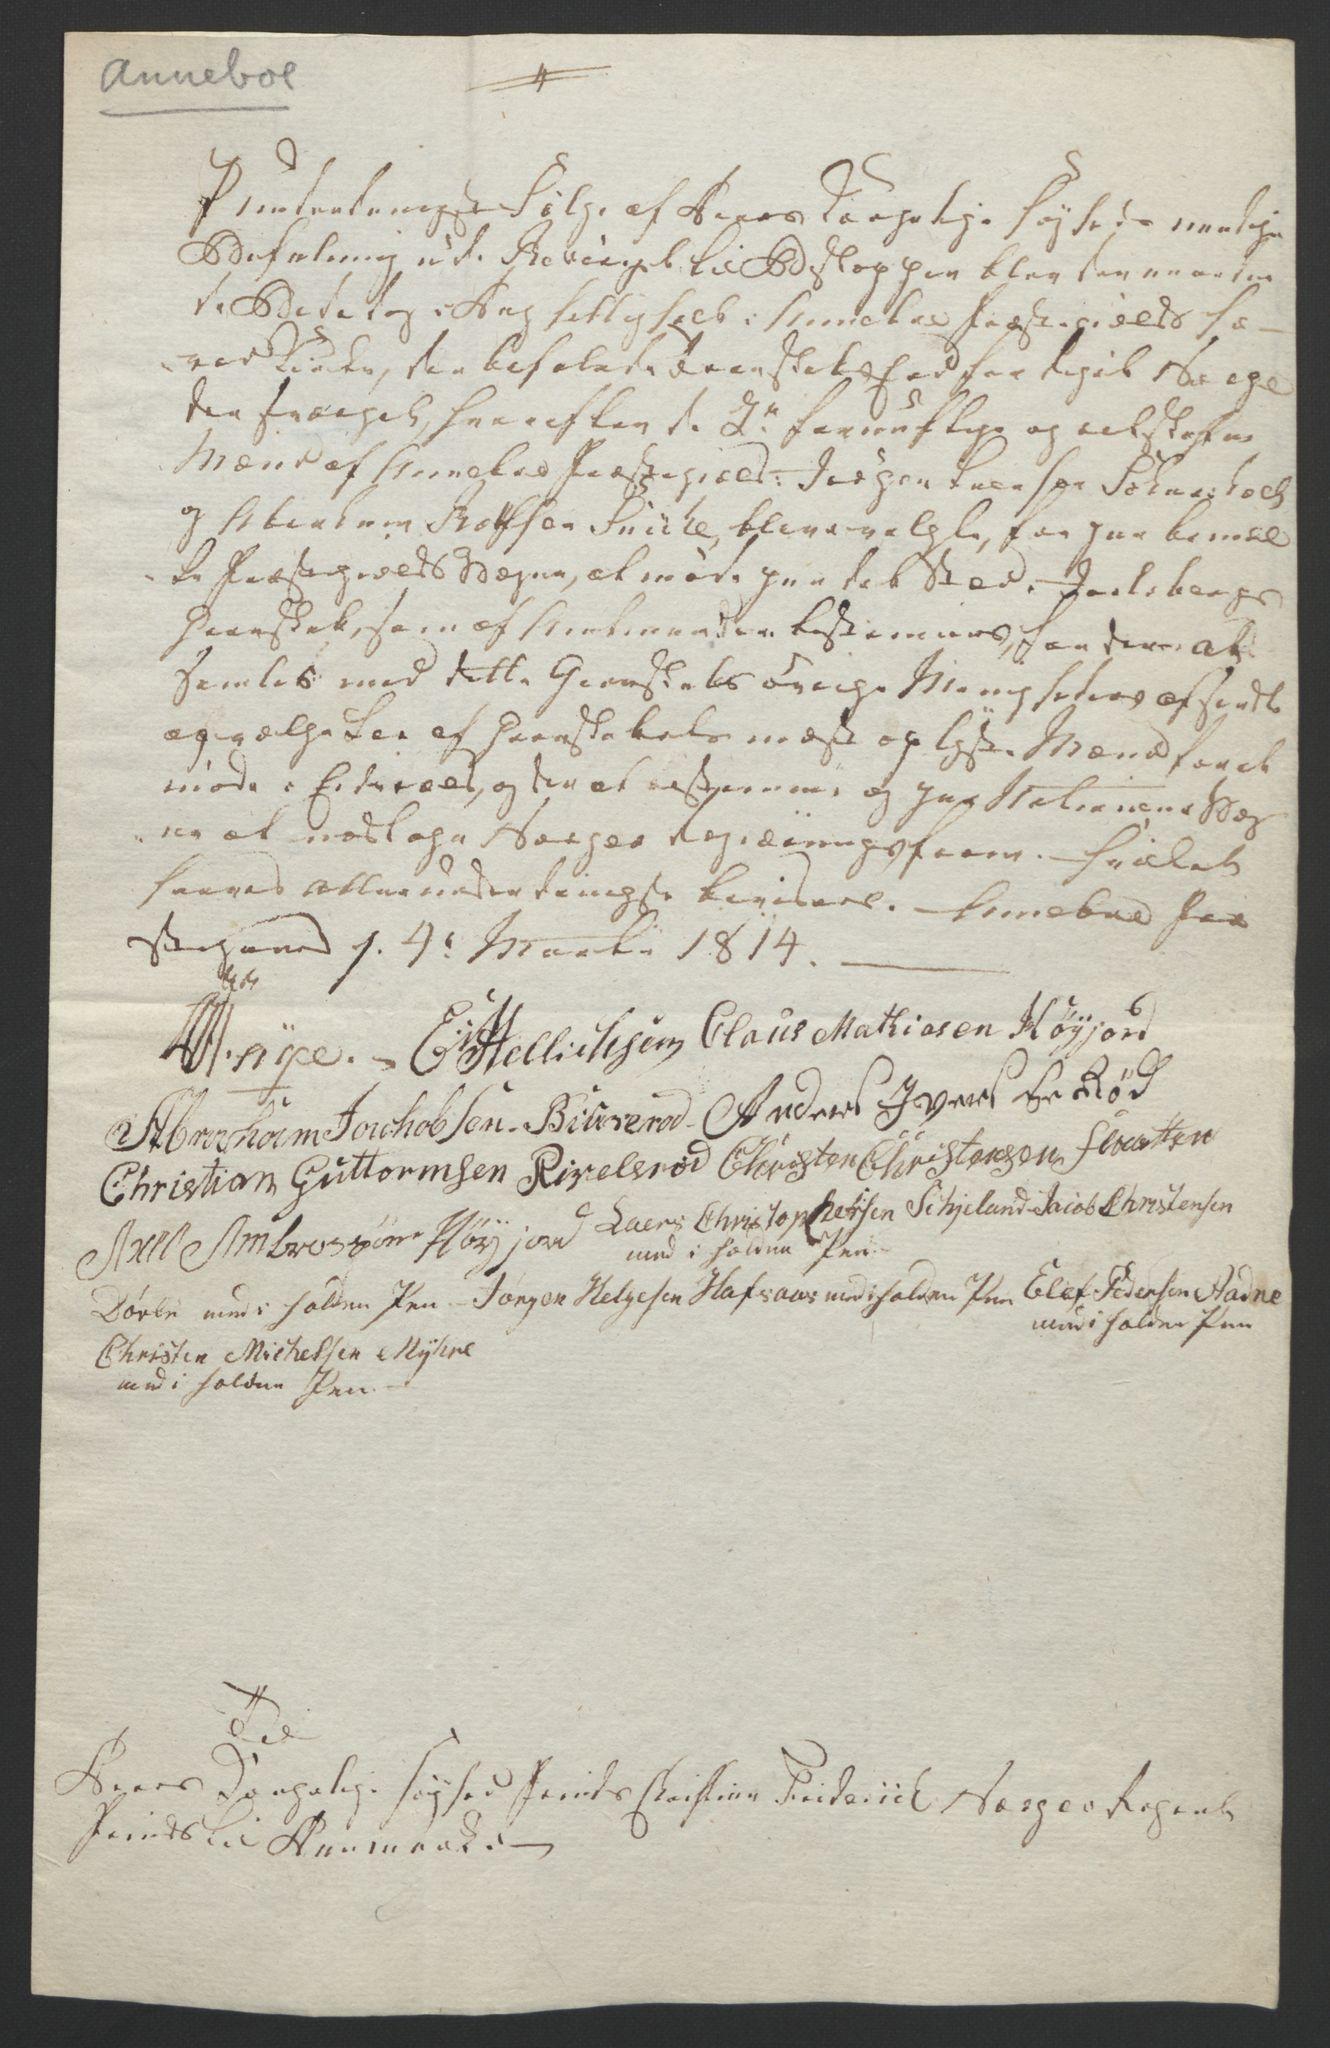 RA, Statsrådssekretariatet, D/Db/L0008: Fullmakter for Eidsvollsrepresentantene i 1814. , 1814, s. 6